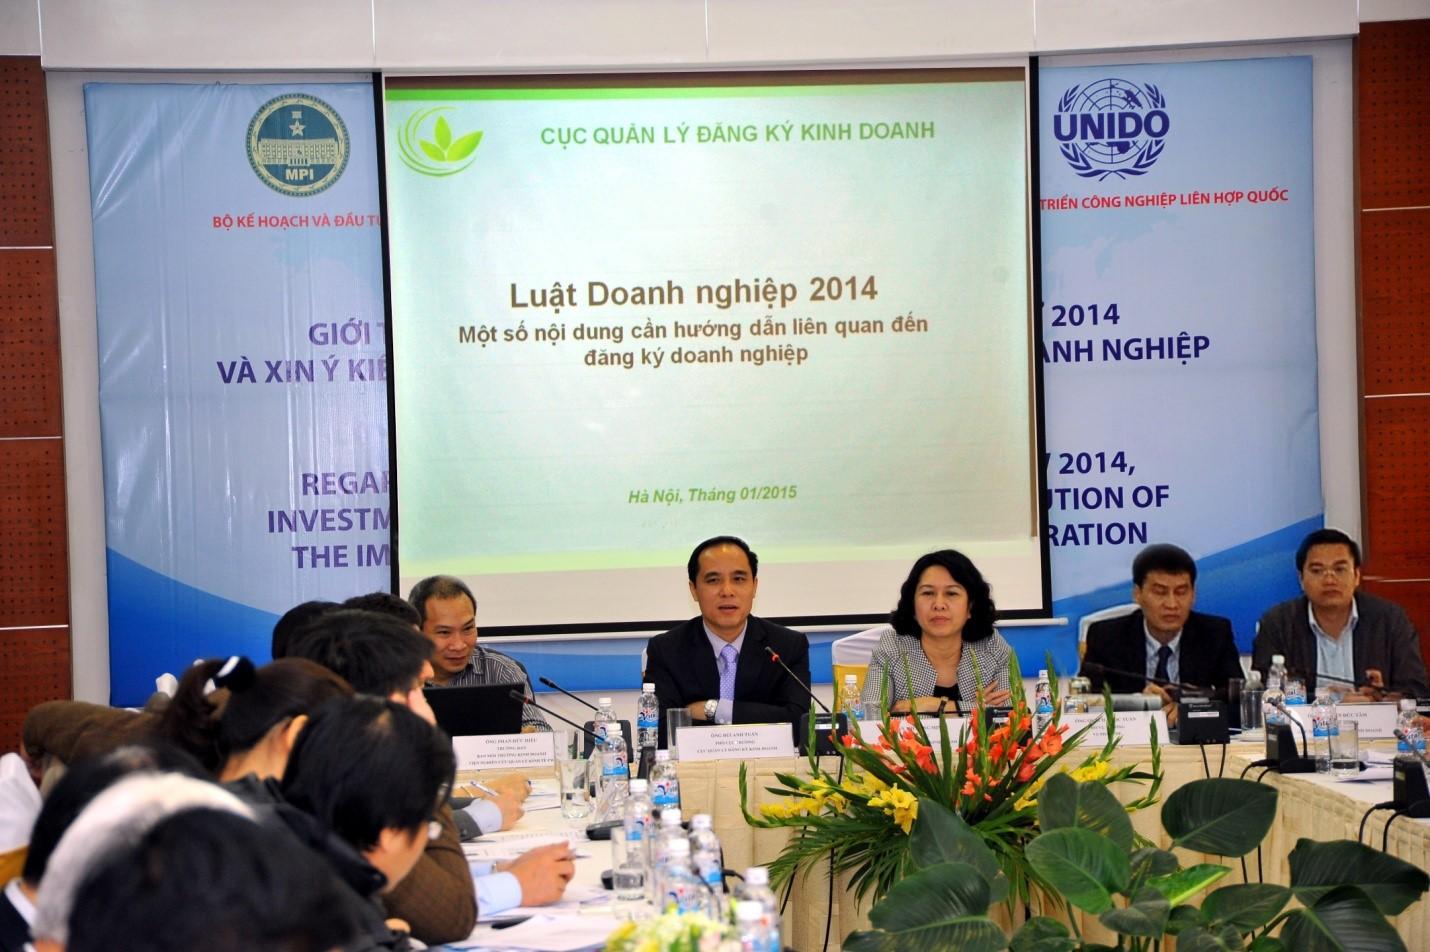 Điều kiện kinh doanh theo luật đầu tư 2014